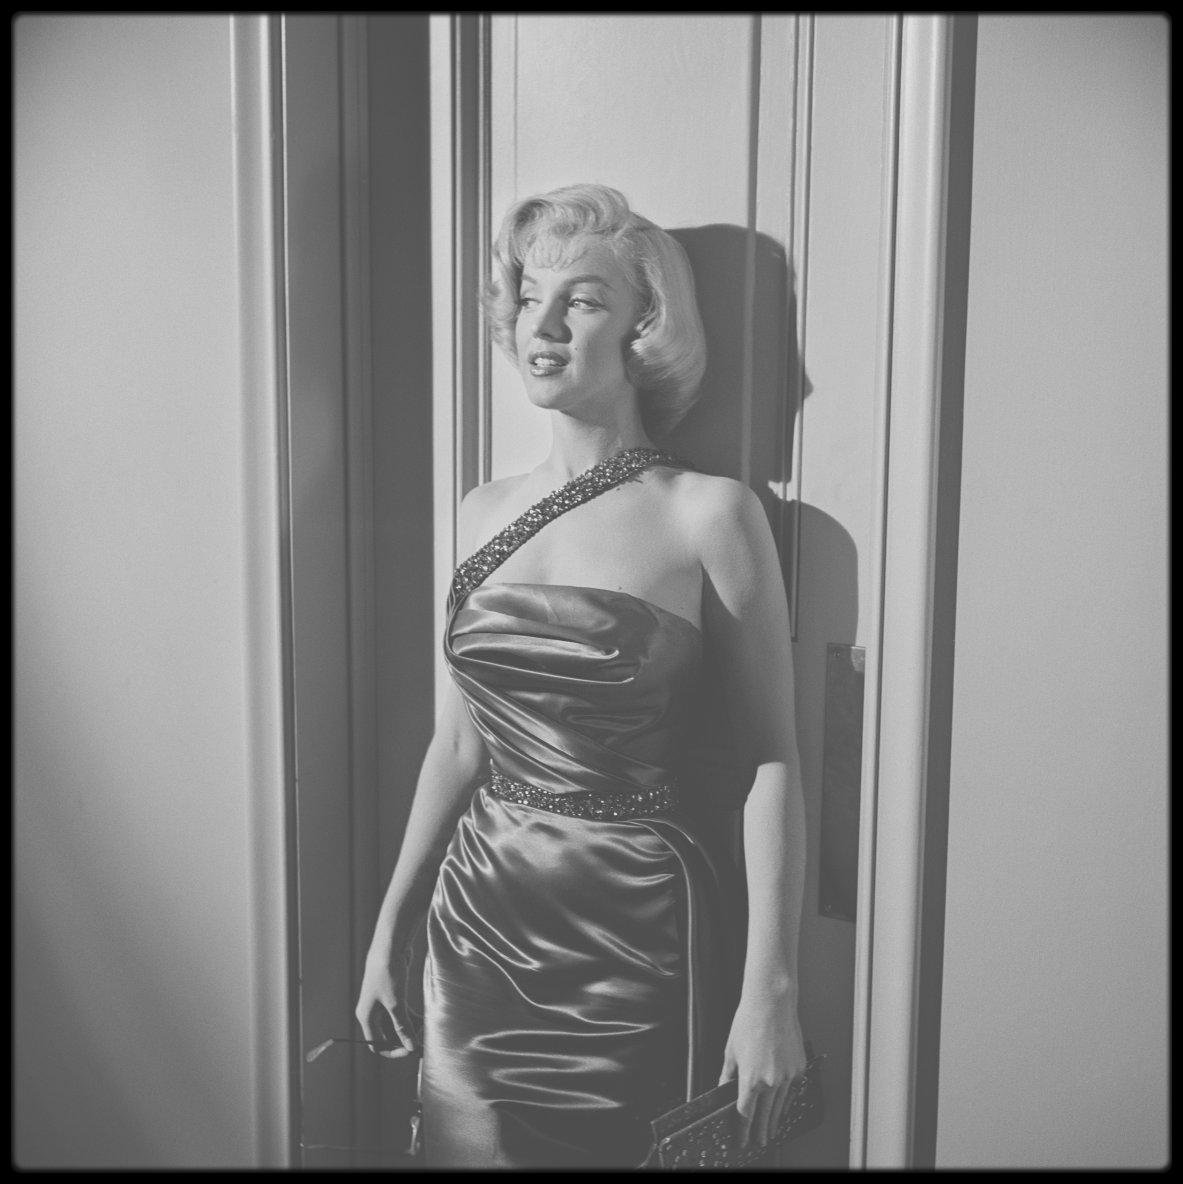 """1953 / (Photos Frank WORTH) Dans les coulisses du film """"How to marry a millionaire"""" ; La Fox sortit son brelan d'as, Betty GRABLE, Marilyn et Lauren BACALL, pour un film contant l'histoire de trois aventurières en chasse d'un riche mari. Le studio était fier de son premier film en Cinémascope avec trois stars en tête. Le scénariste Nunnally JOHNSON précisa qu'il avait crée les personnages en les adaptant à la personnalité des trois actrices. Malgré les efforts des studios pour « vendre » à la presse une guerre entre Marilyn et Betty GRABLE, les deux actrices s'entendirent fort bien. Betty GRABLE avait été l'idole de la nation pendant dix ans et passait gentiment le flambeau. Au départ, Marilyn revendiqua le rôle de Loco, attribué à Betty GRABLE, car elle n'aimait pas son propre personnage, Pola, affublée de lunettes. Jean NEGULESCO, le réalisateur, la persuada d'accepter, faisant valoir que c'était le meilleur rôle ; en effet, la drôlerie engendrée par la myopie, valut à Marilyn des critiques positives sur ses talents comiques. Pourtant, Marilyn ne considérait pas son interprétation comme l'une des meilleures. Au bout de quelques mois, le film avait fait une recette brute cinq fois supérieure à son extravagant budget de 2.5 millions de $."""